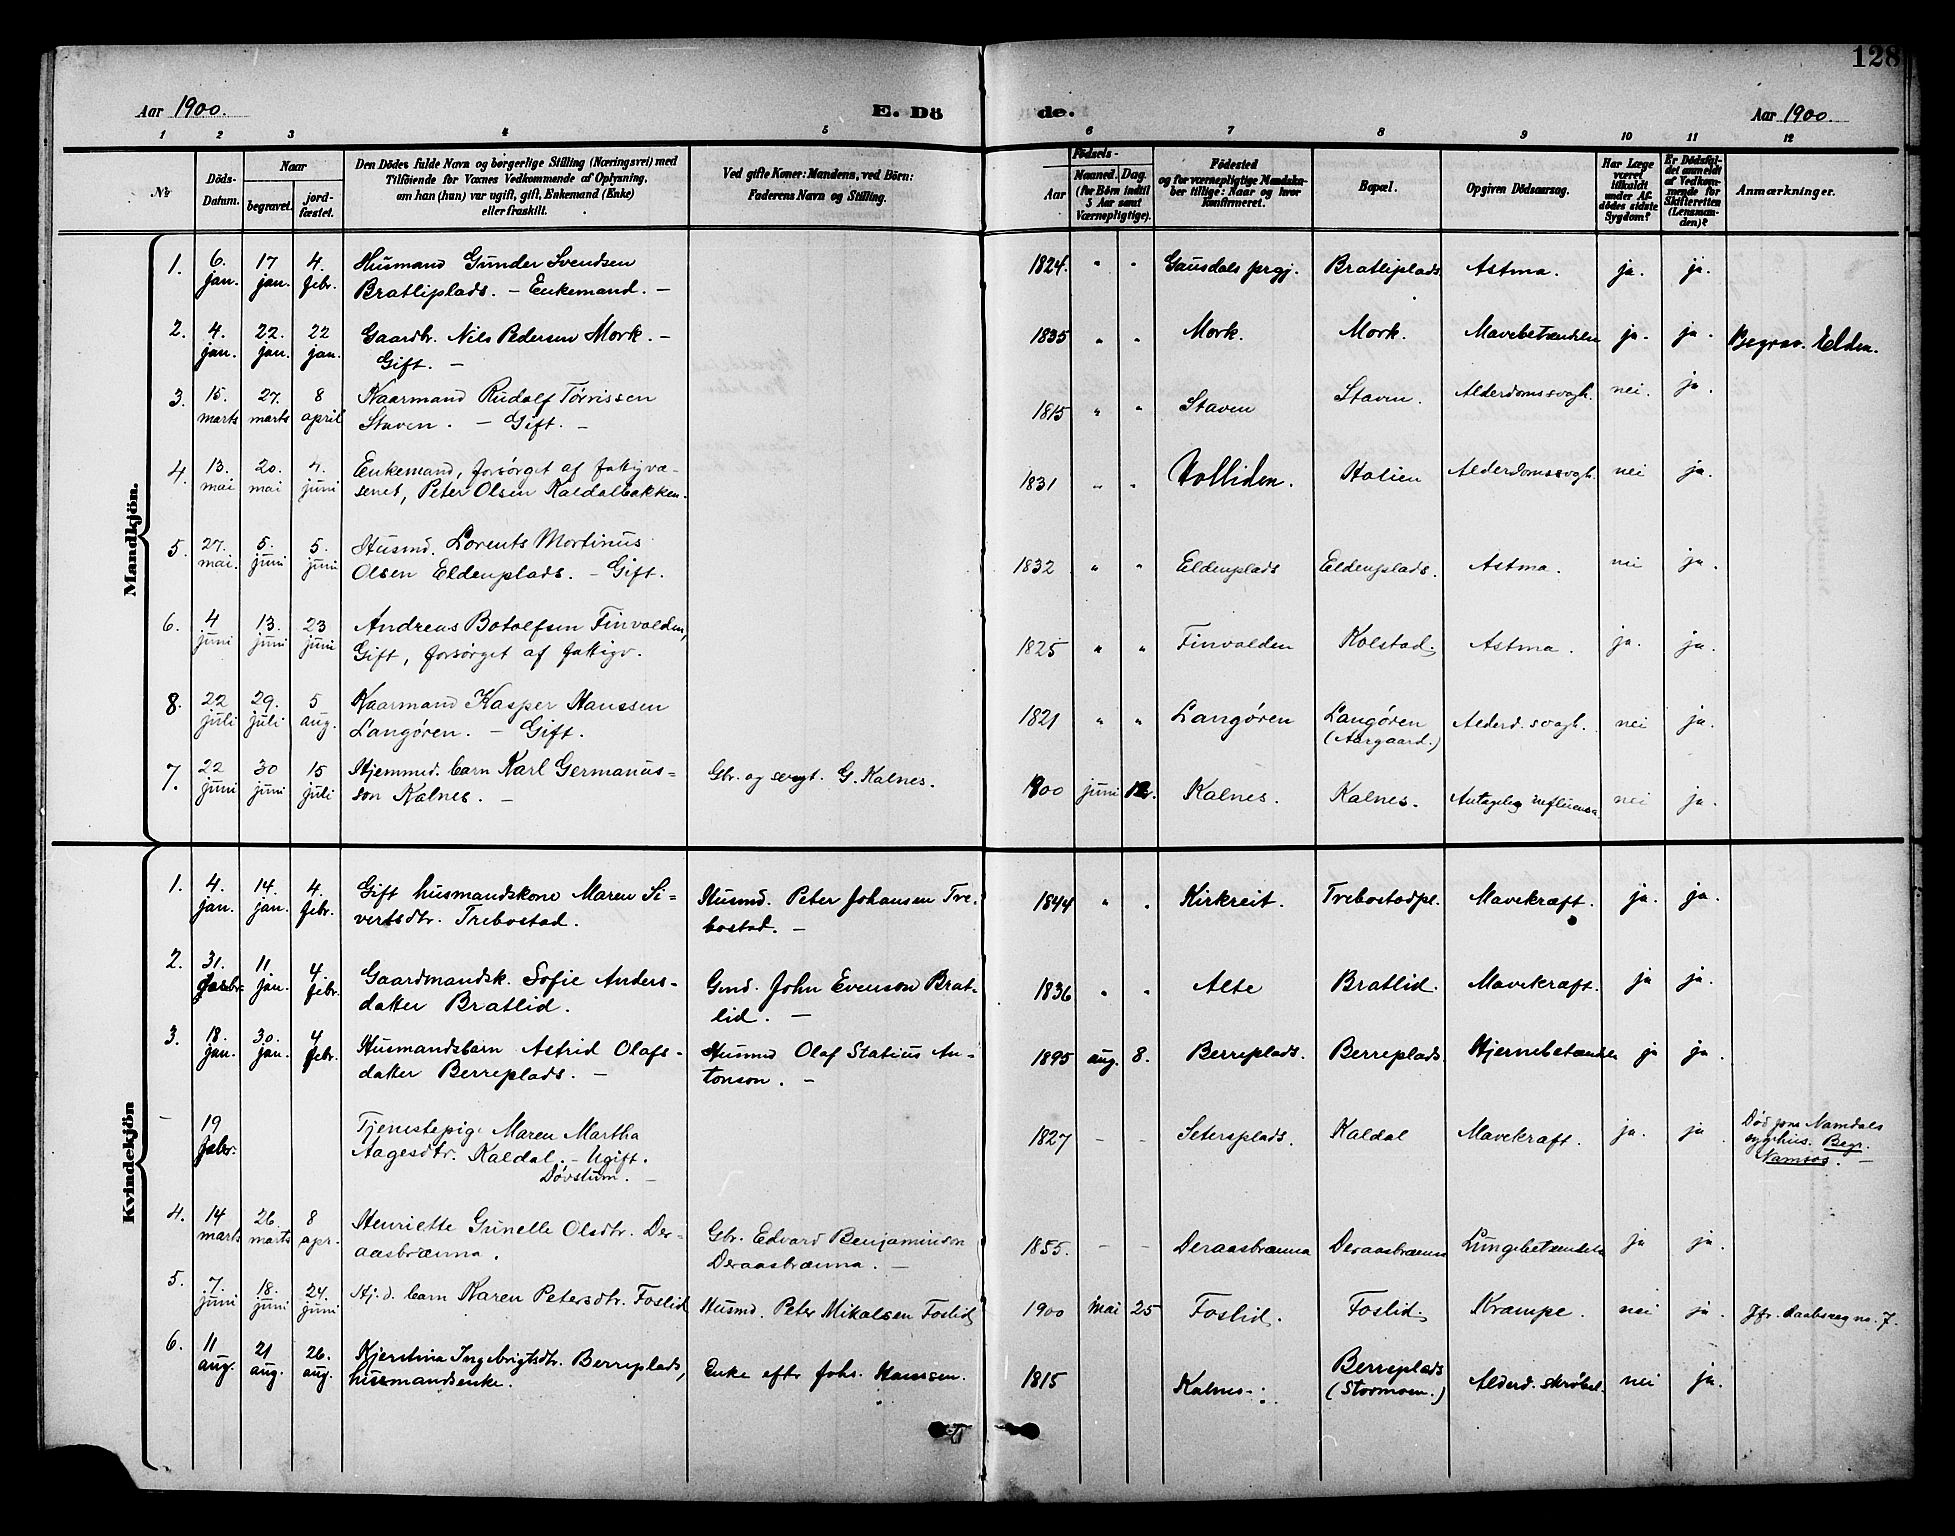 SAT, Ministerialprotokoller, klokkerbøker og fødselsregistre - Nord-Trøndelag, 742/L0412: Klokkerbok nr. 742C03, 1898-1910, s. 128